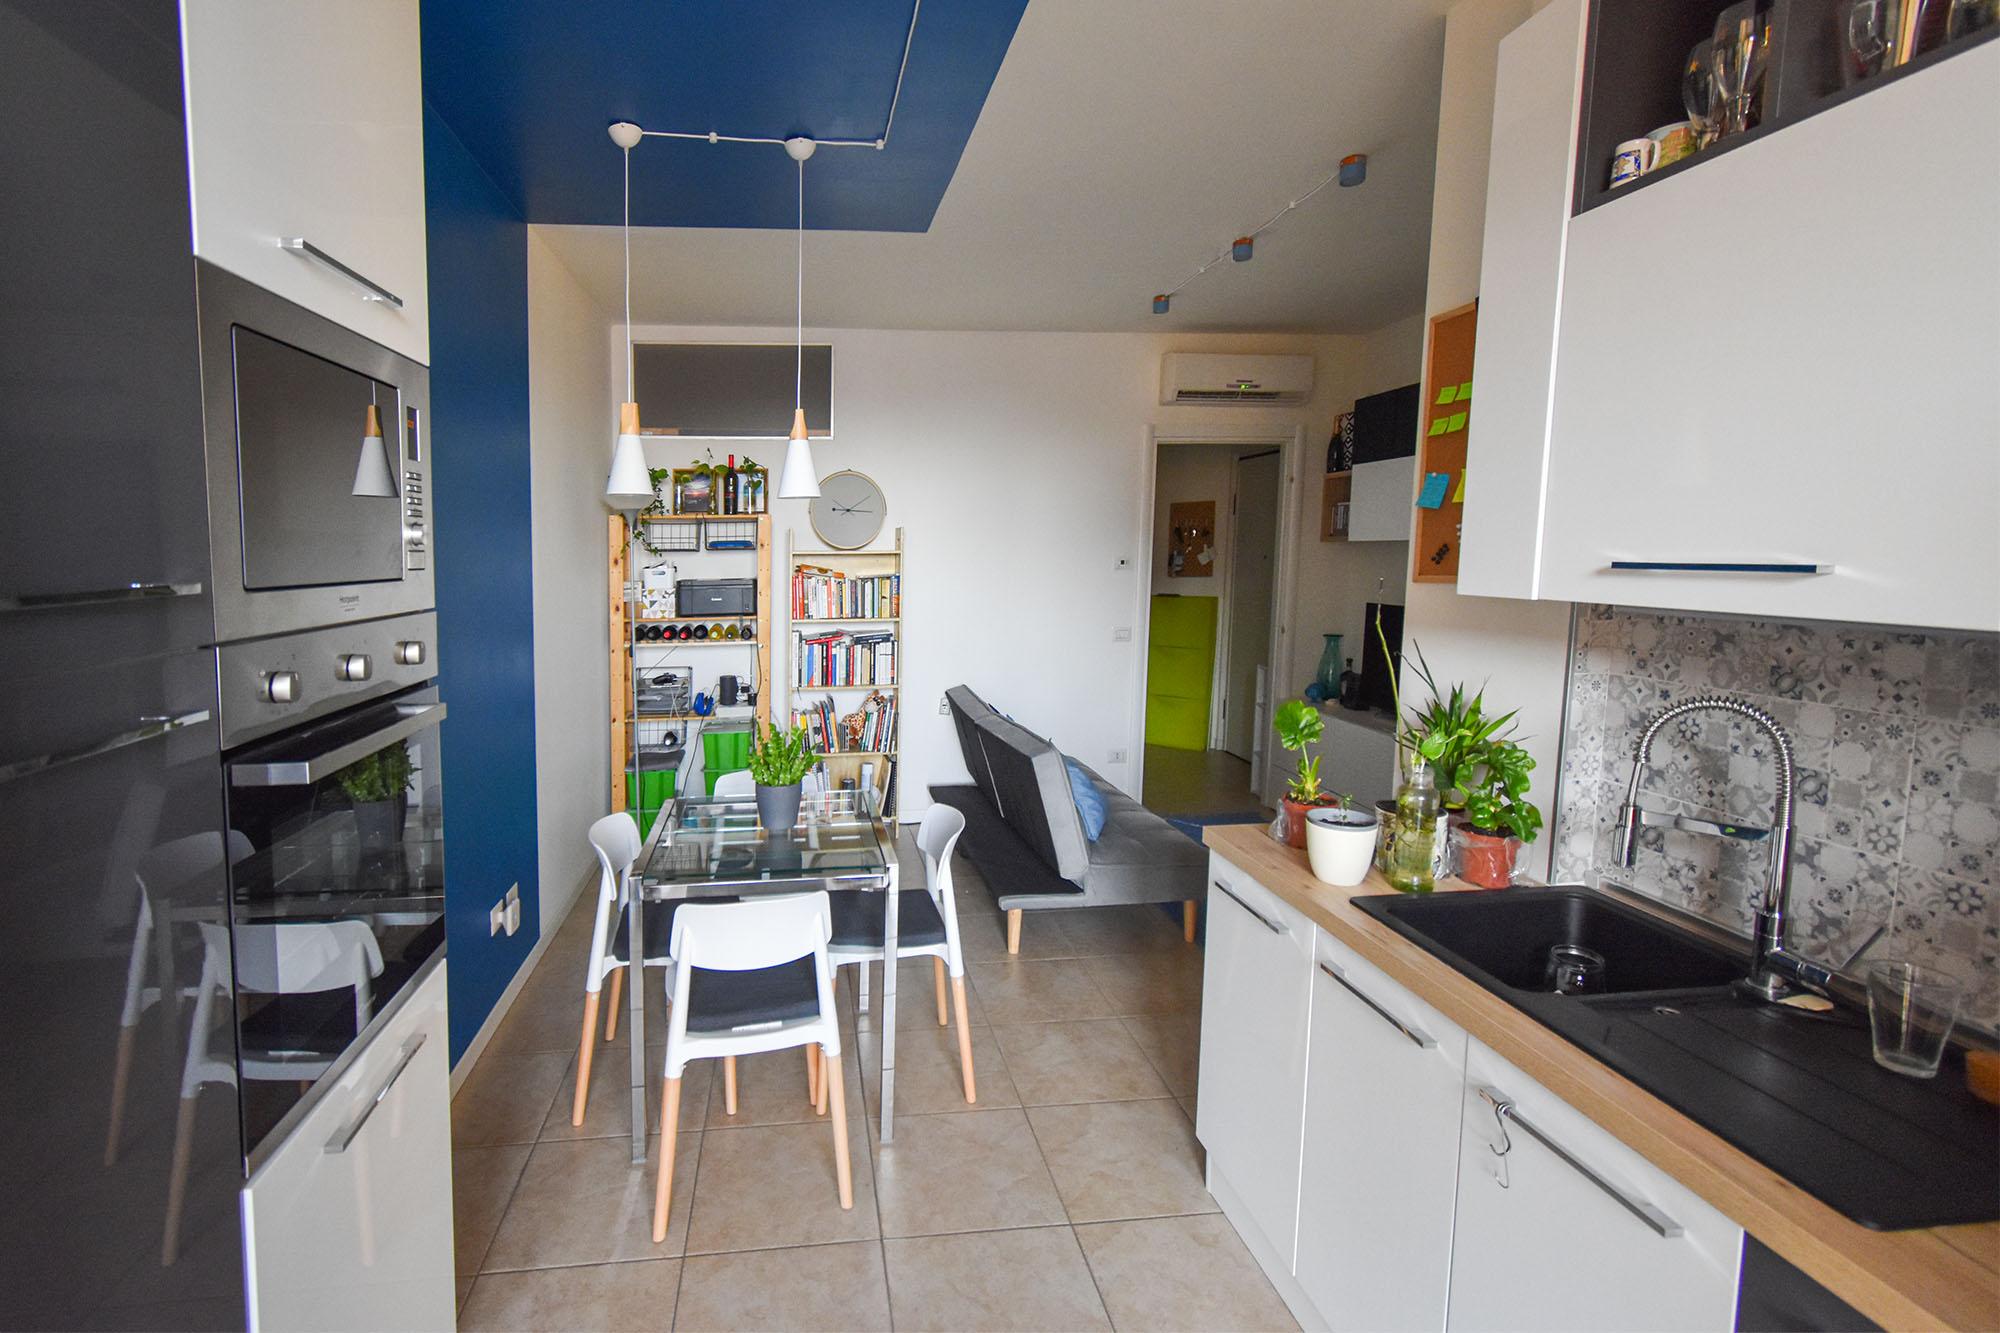 casa Milano interior design colore soggiorno cucina (1)